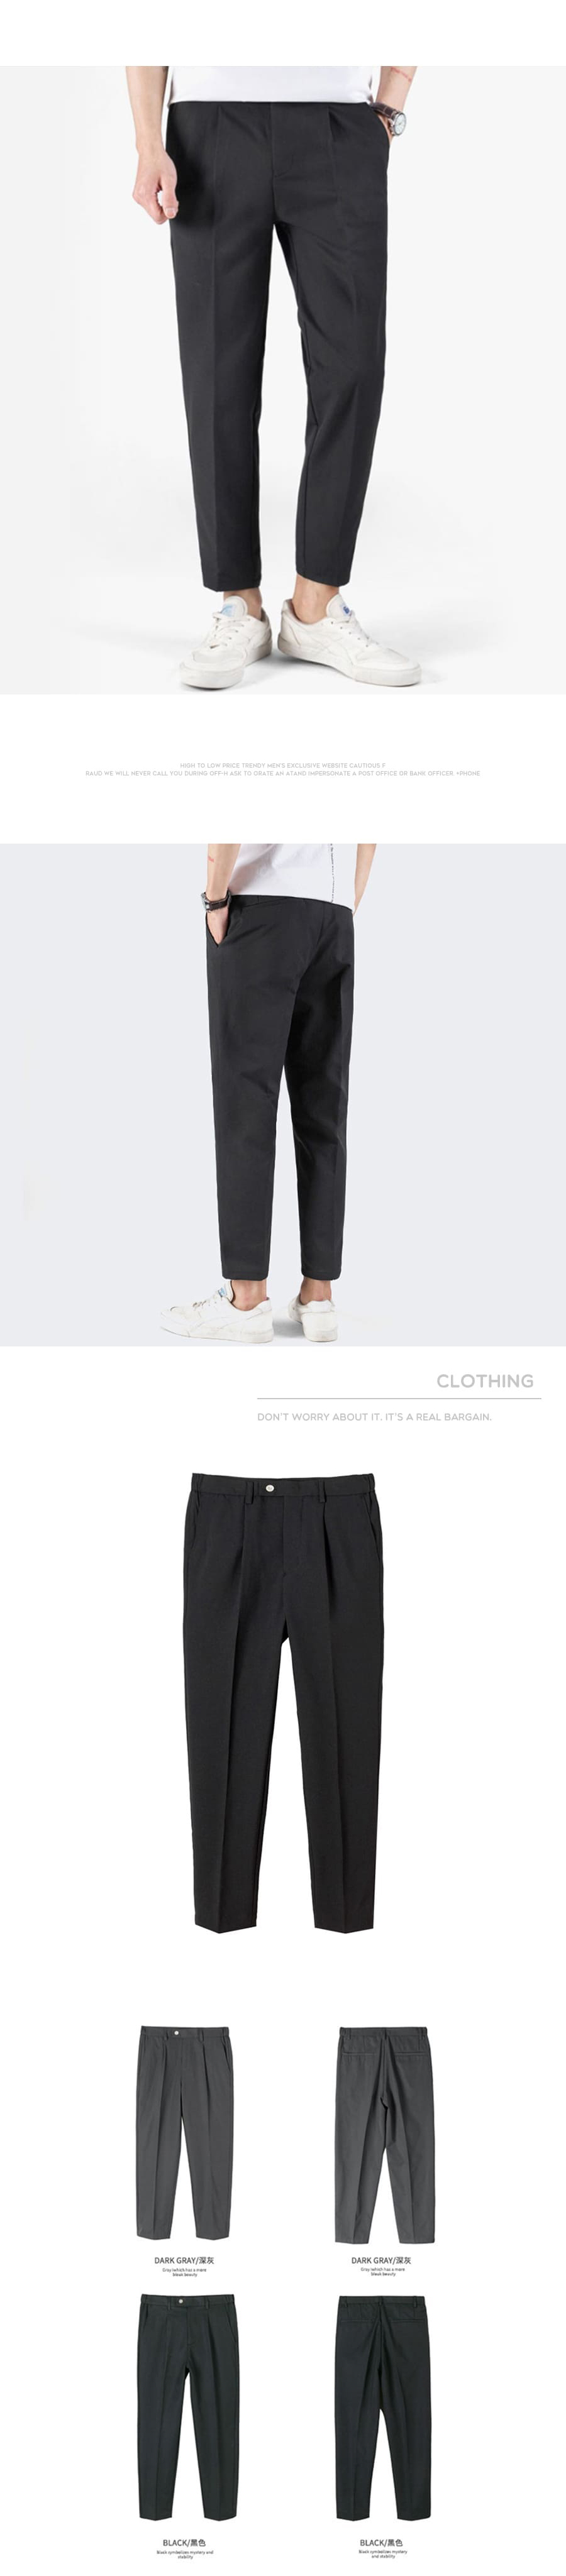 簡約時尚.腰側鬆緊舒適厚挺西裝褲